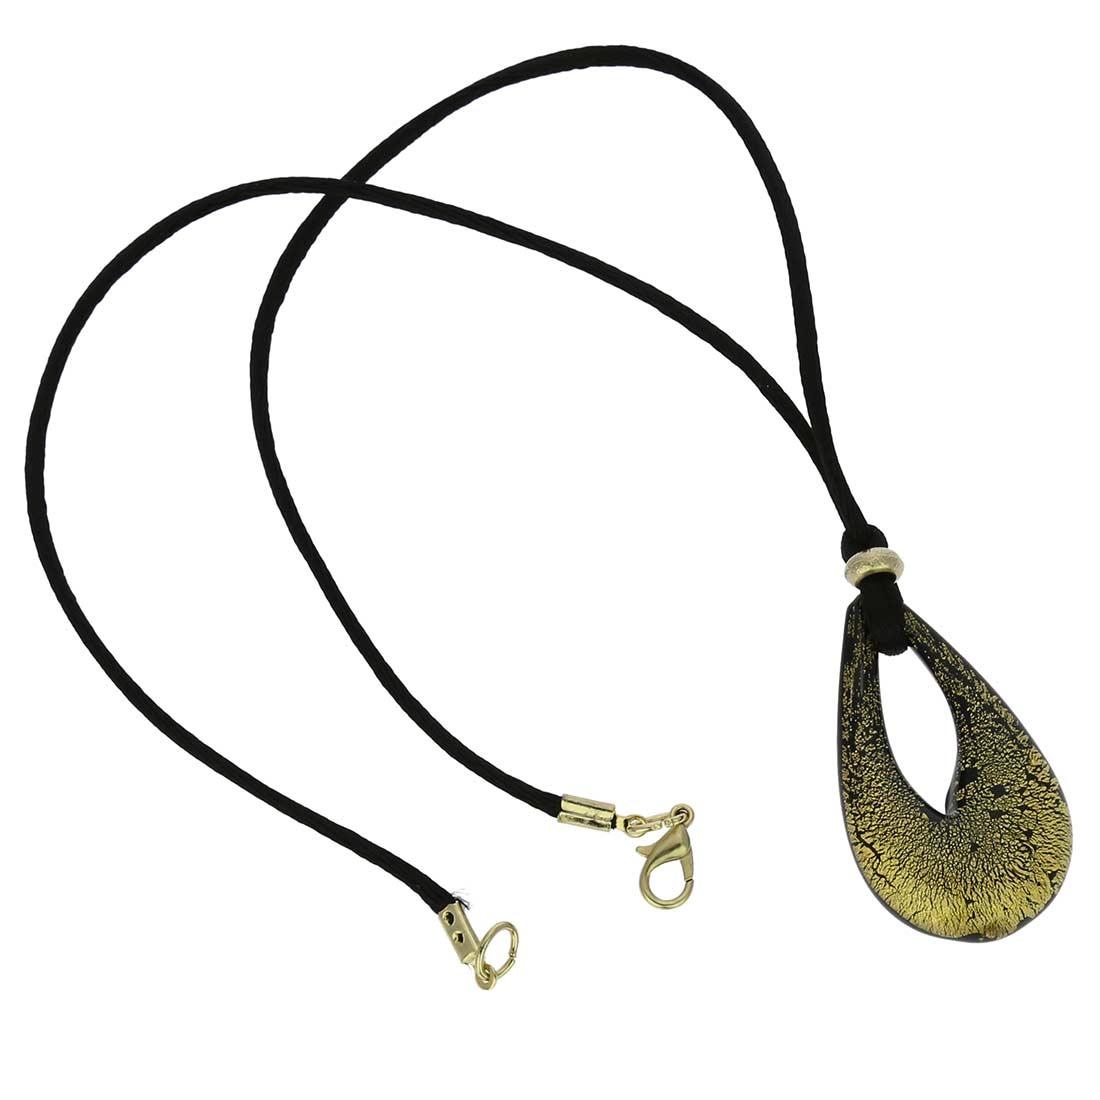 ベネチアングラス(ムラノガラス) ネックレス ジェマ ブラック